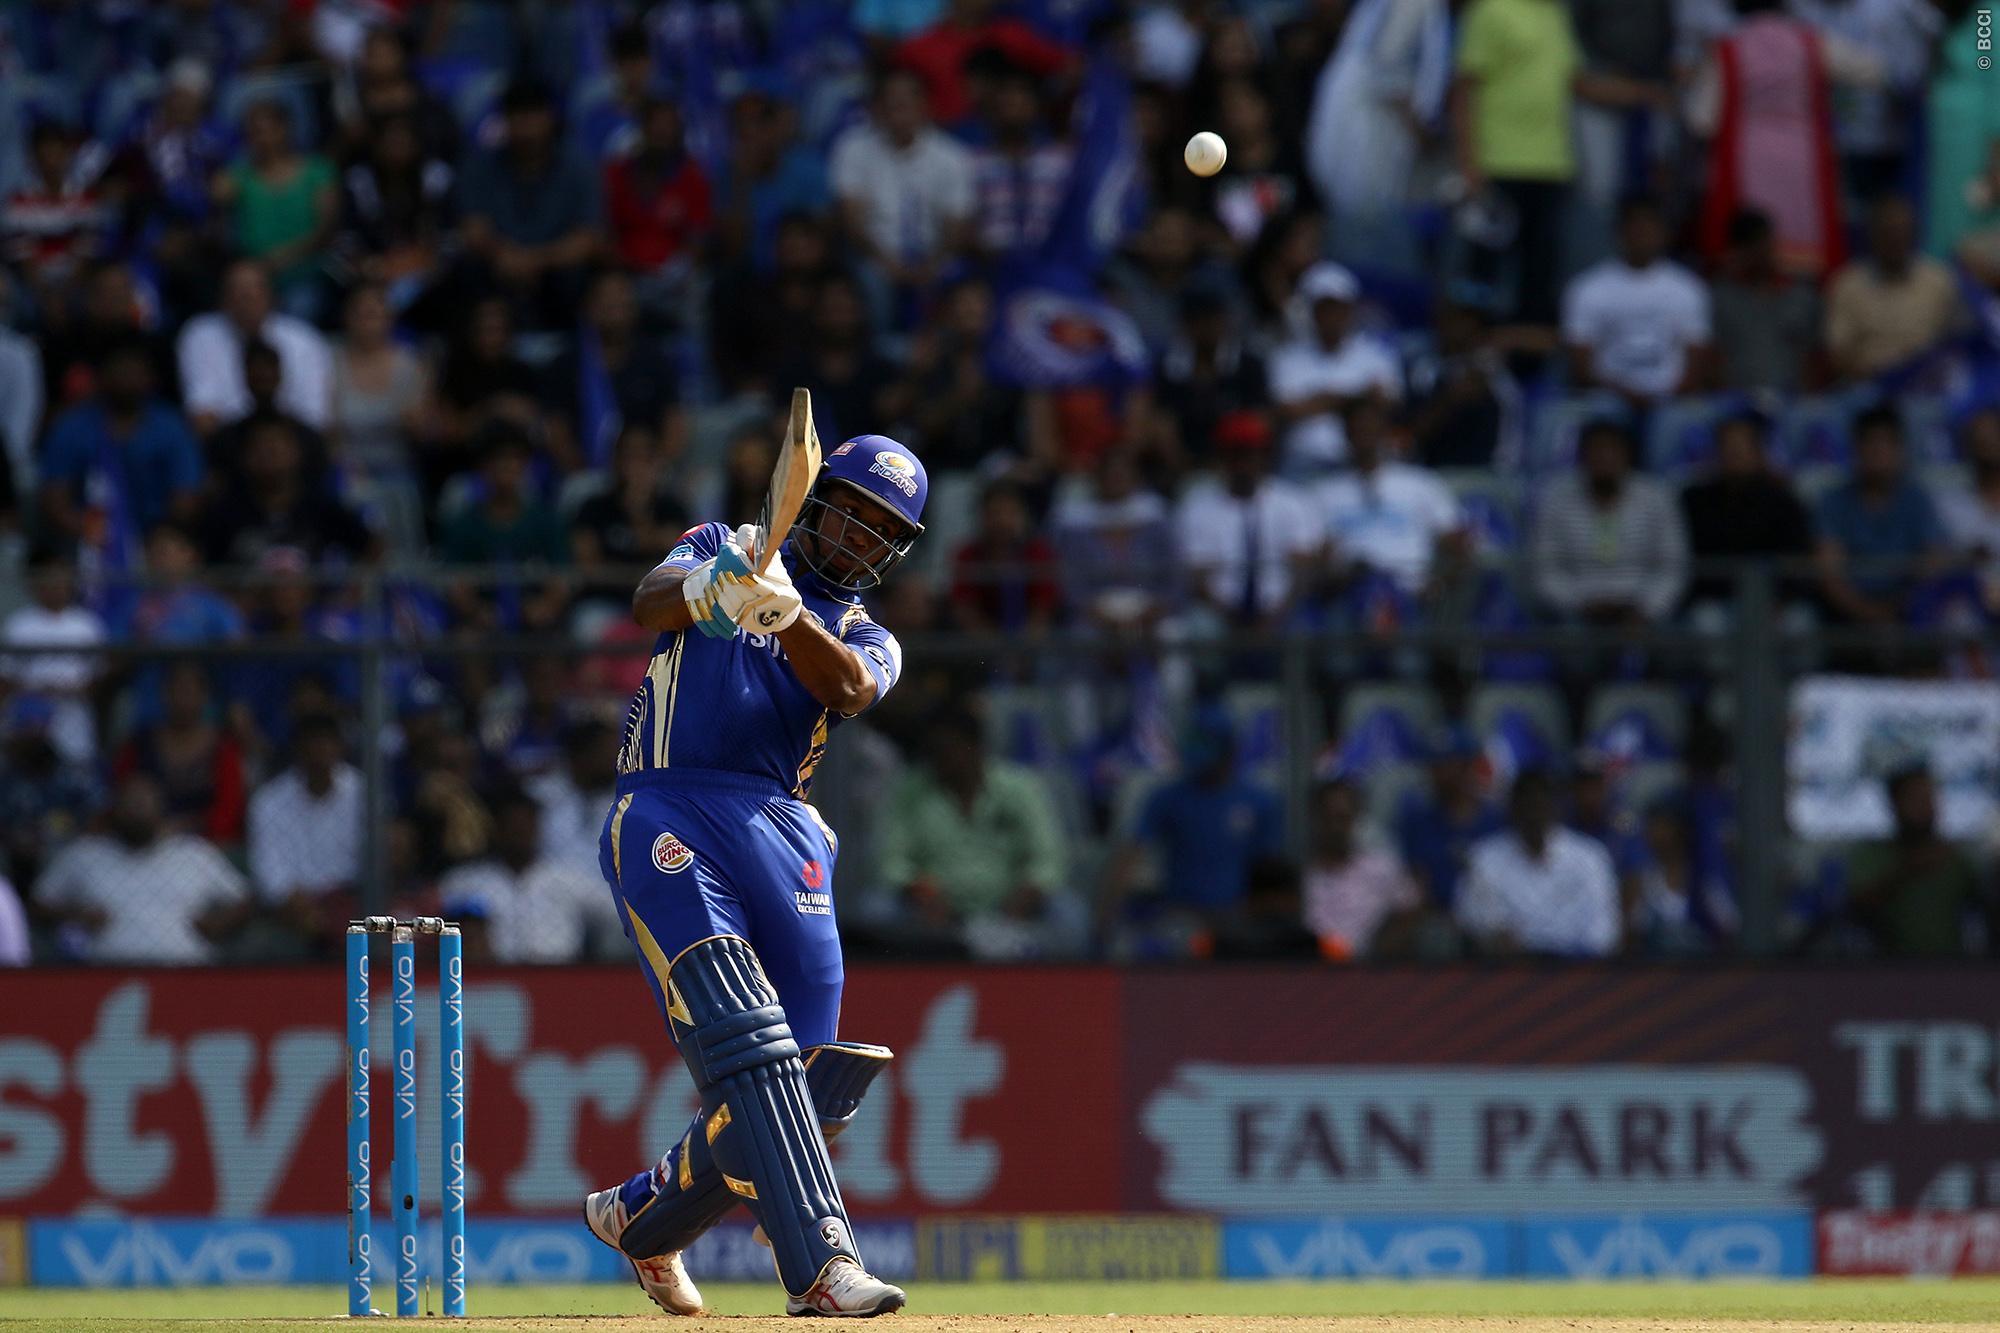 मैच रिपोर्ट: जेसन रॉय के तूफ़ान में उड़ी मुंबई, दिल्ली ने रोमांचक मुकाबले में 7 विकेट से दी करारी शिकस्त 2